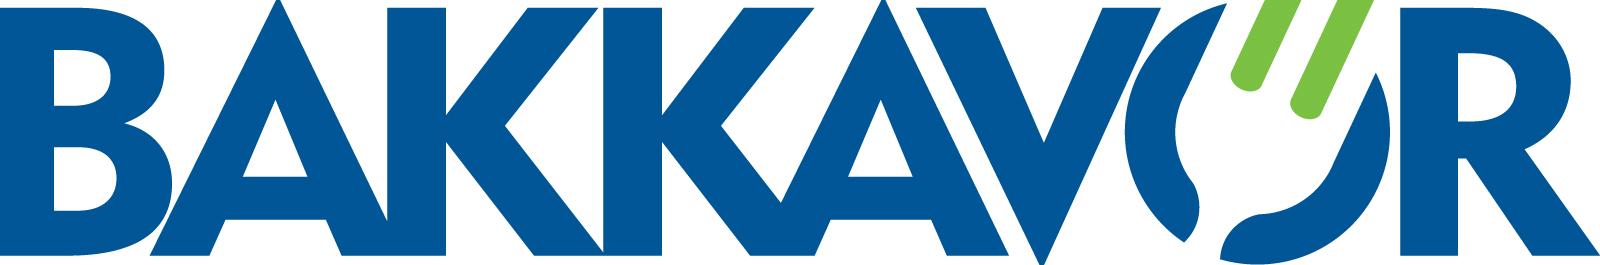 Bakkavor-logo